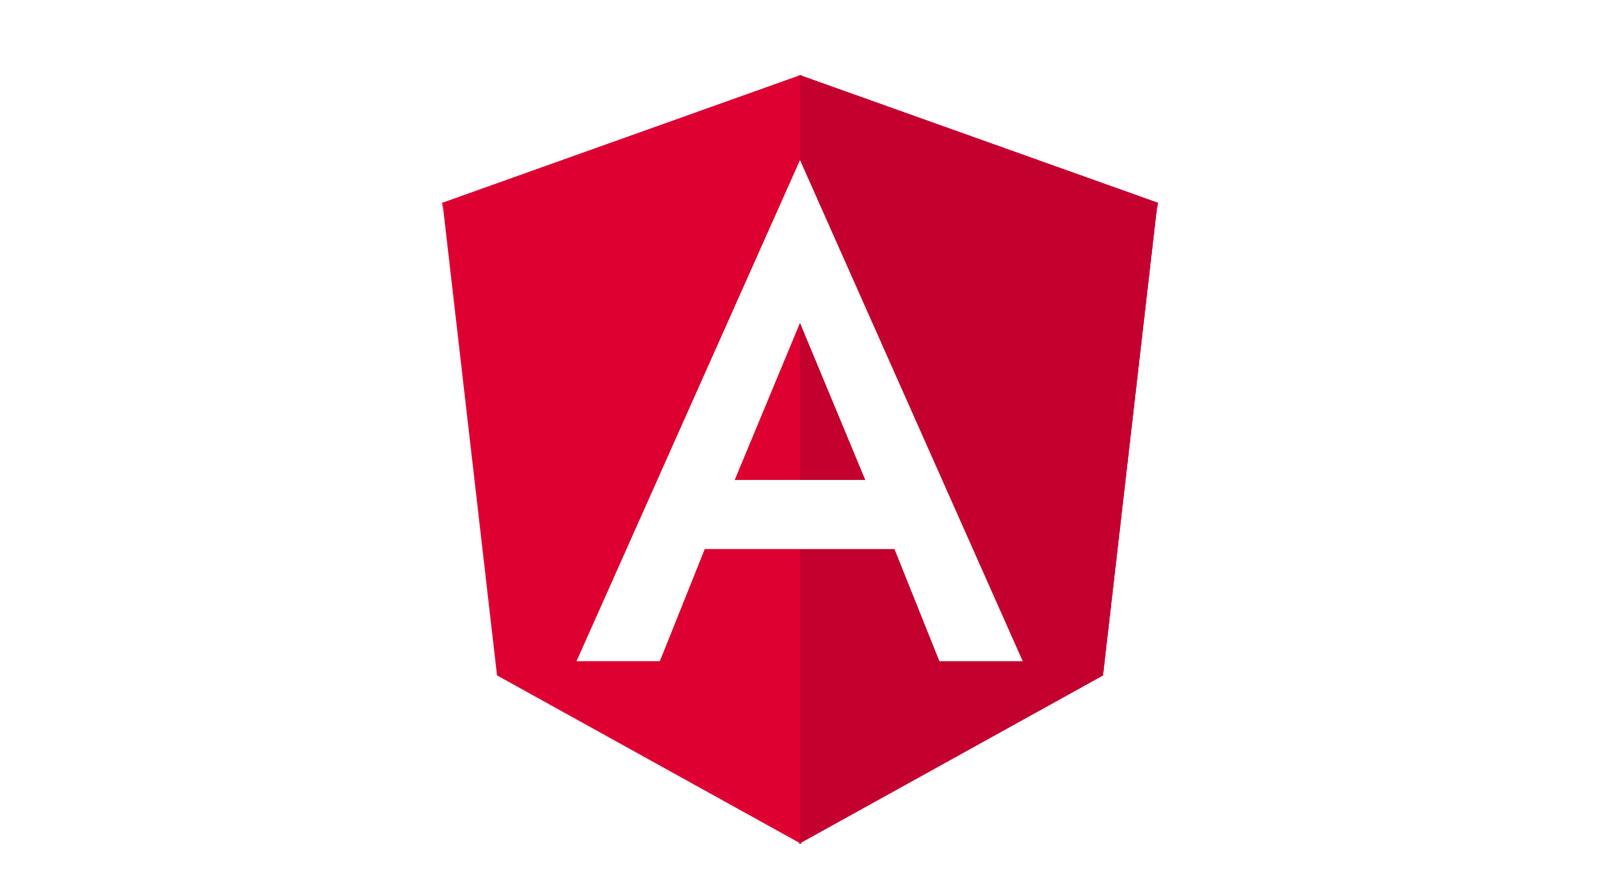 Angular shield logo